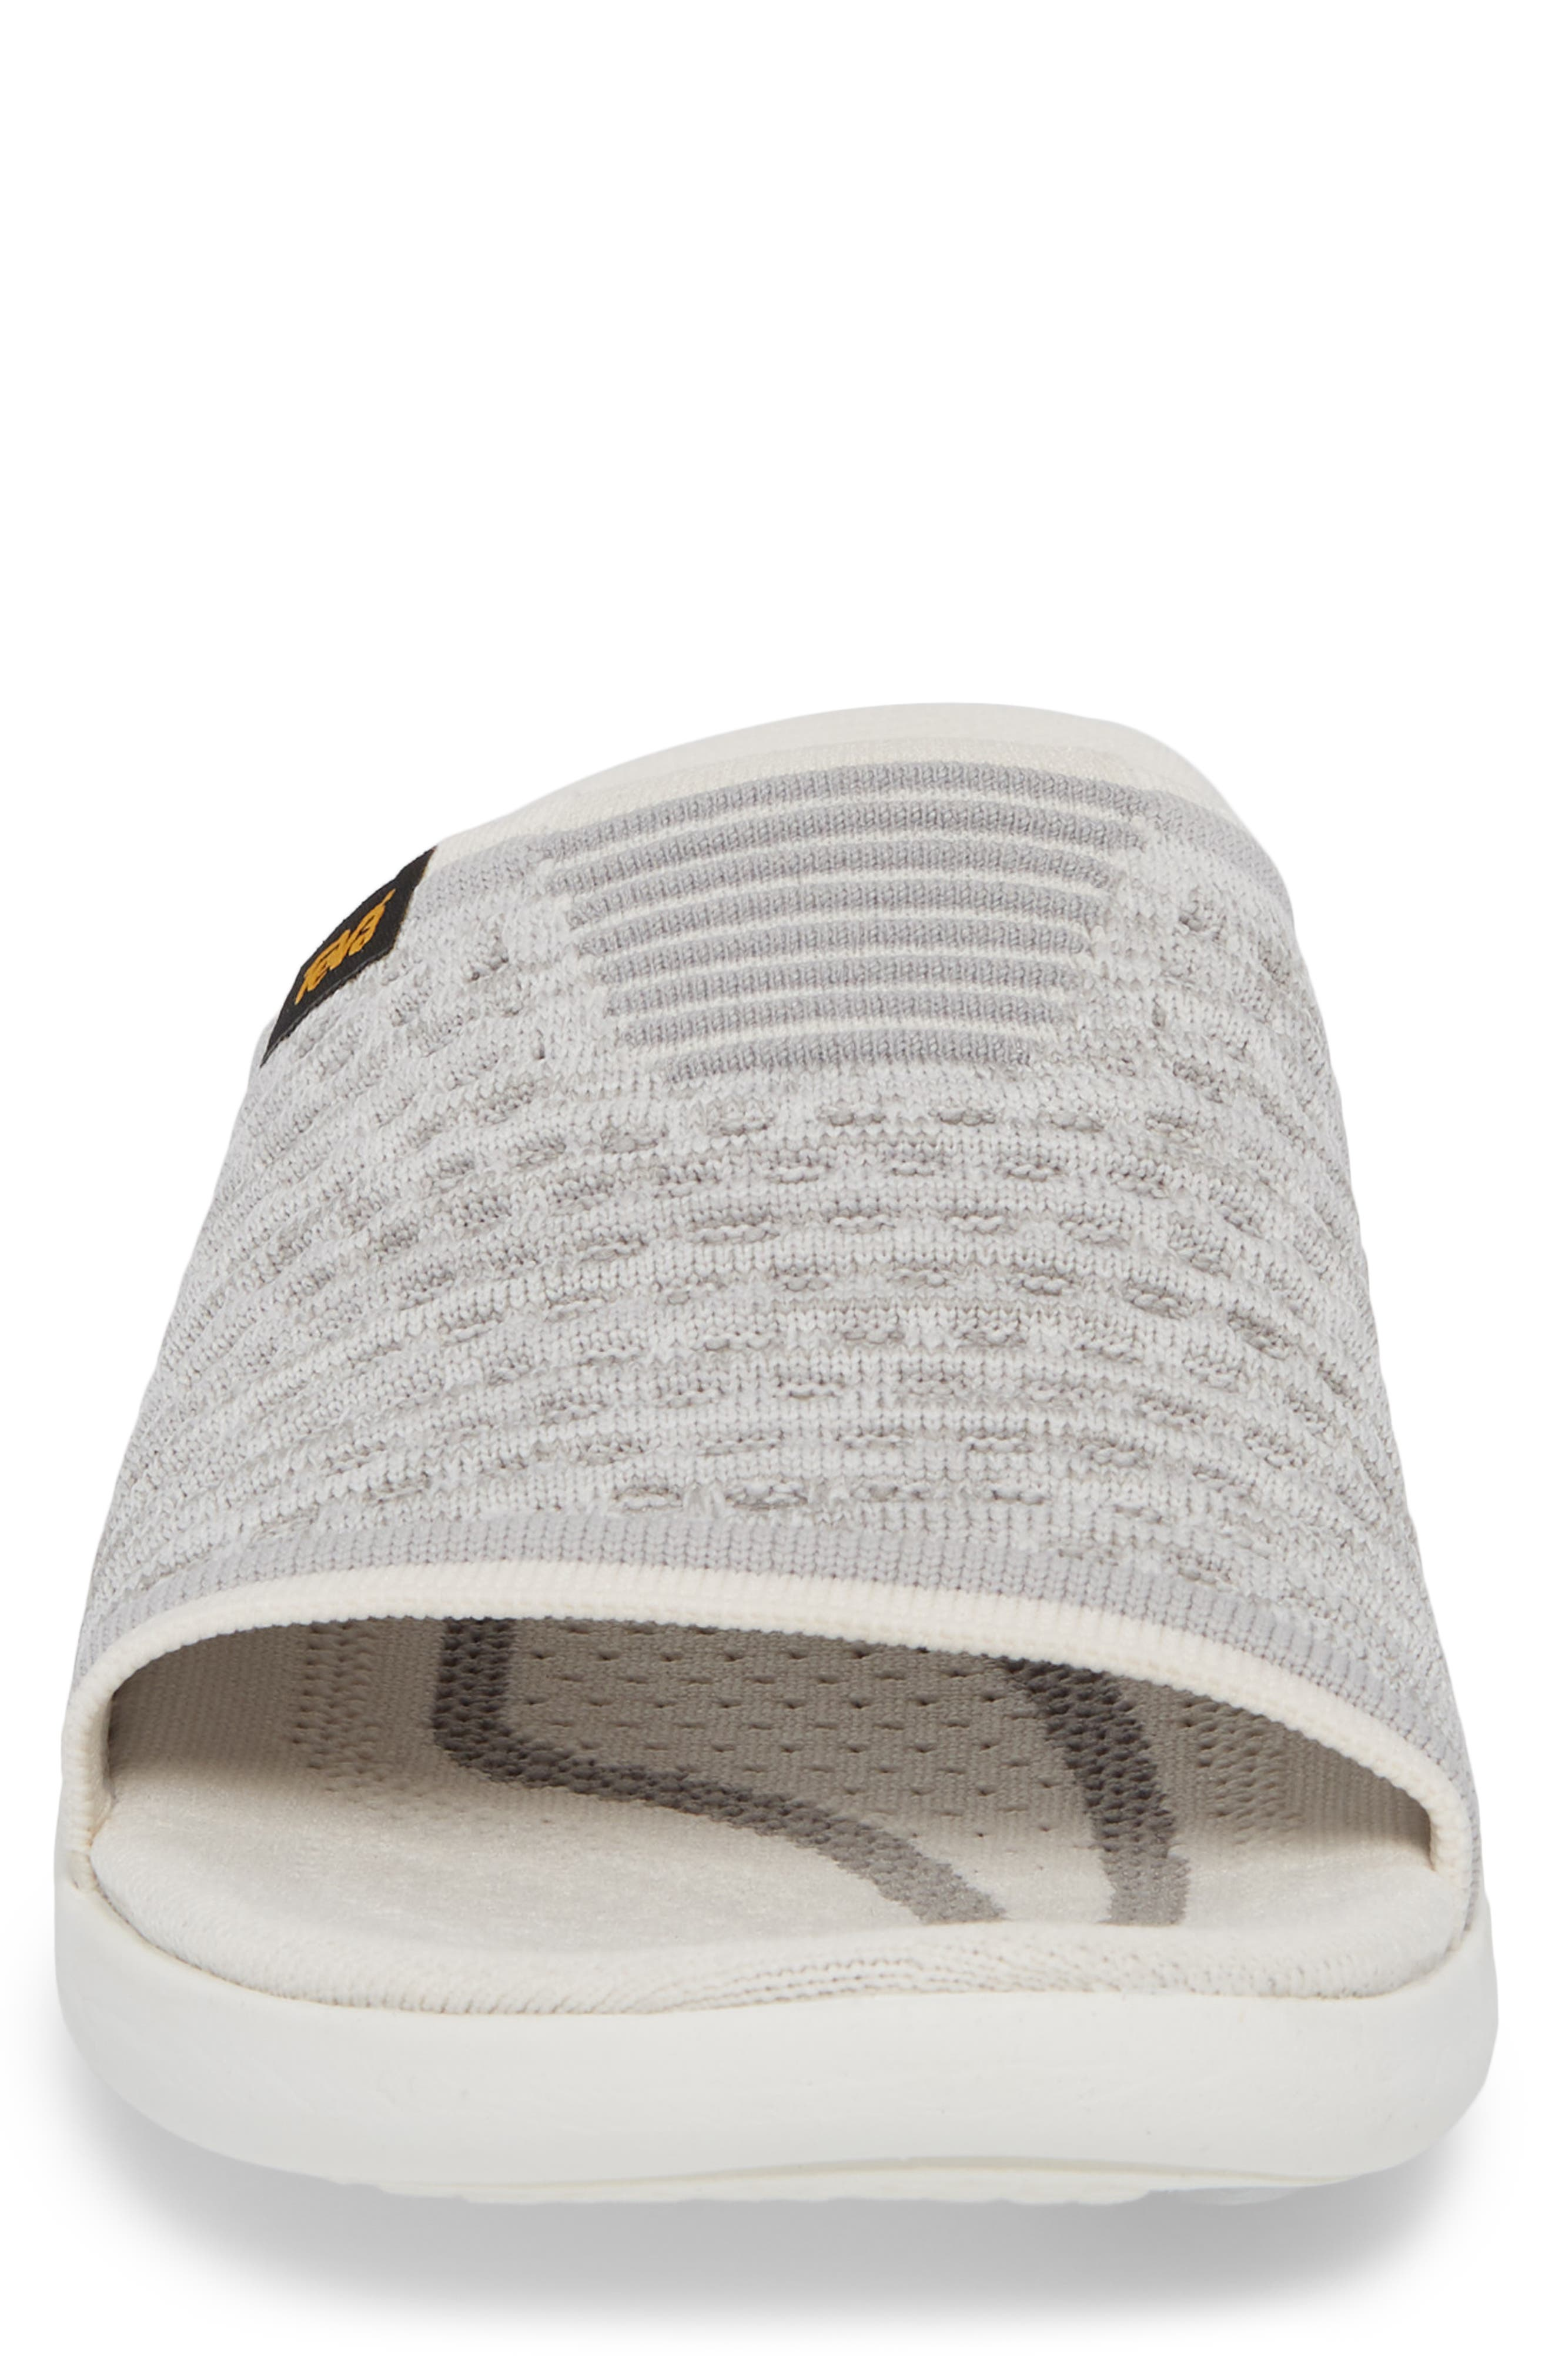 Terra-Float 2 Knit Slide Sandal,                             Alternate thumbnail 4, color,                             Bright White